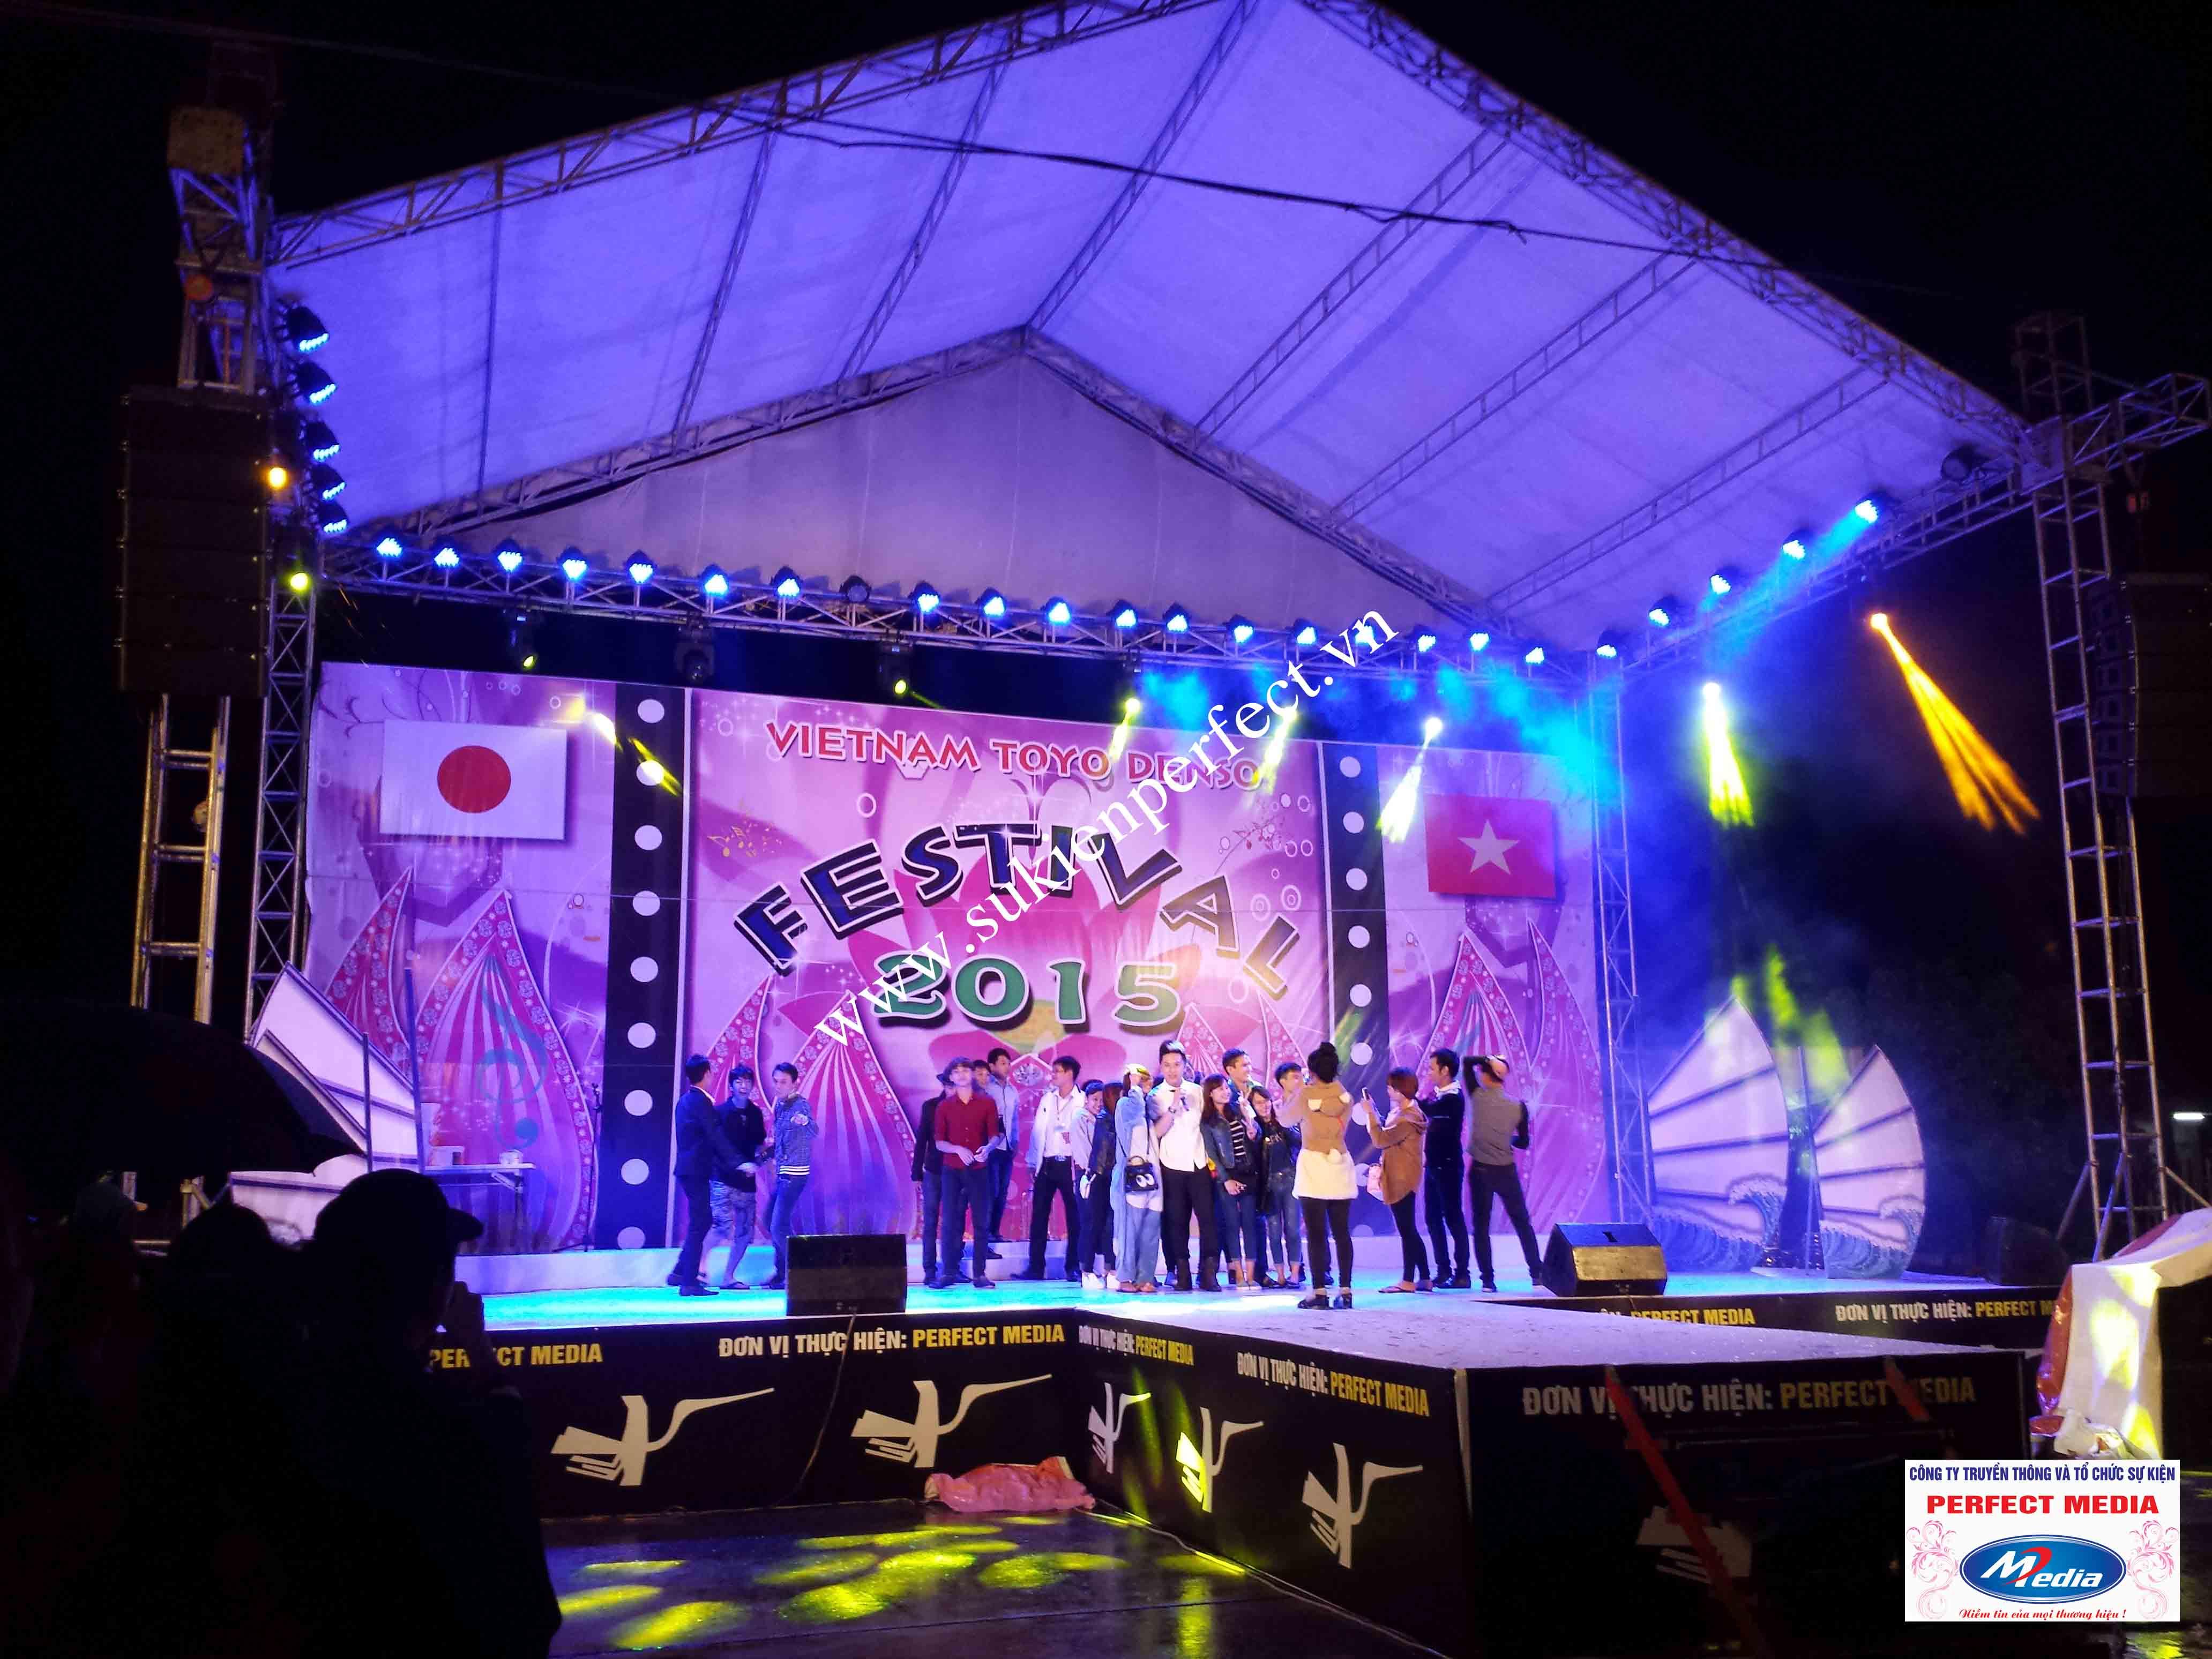 Hình ảnh trong sự kiện Festival Toyo Denso Việt Nam 2015 - 09